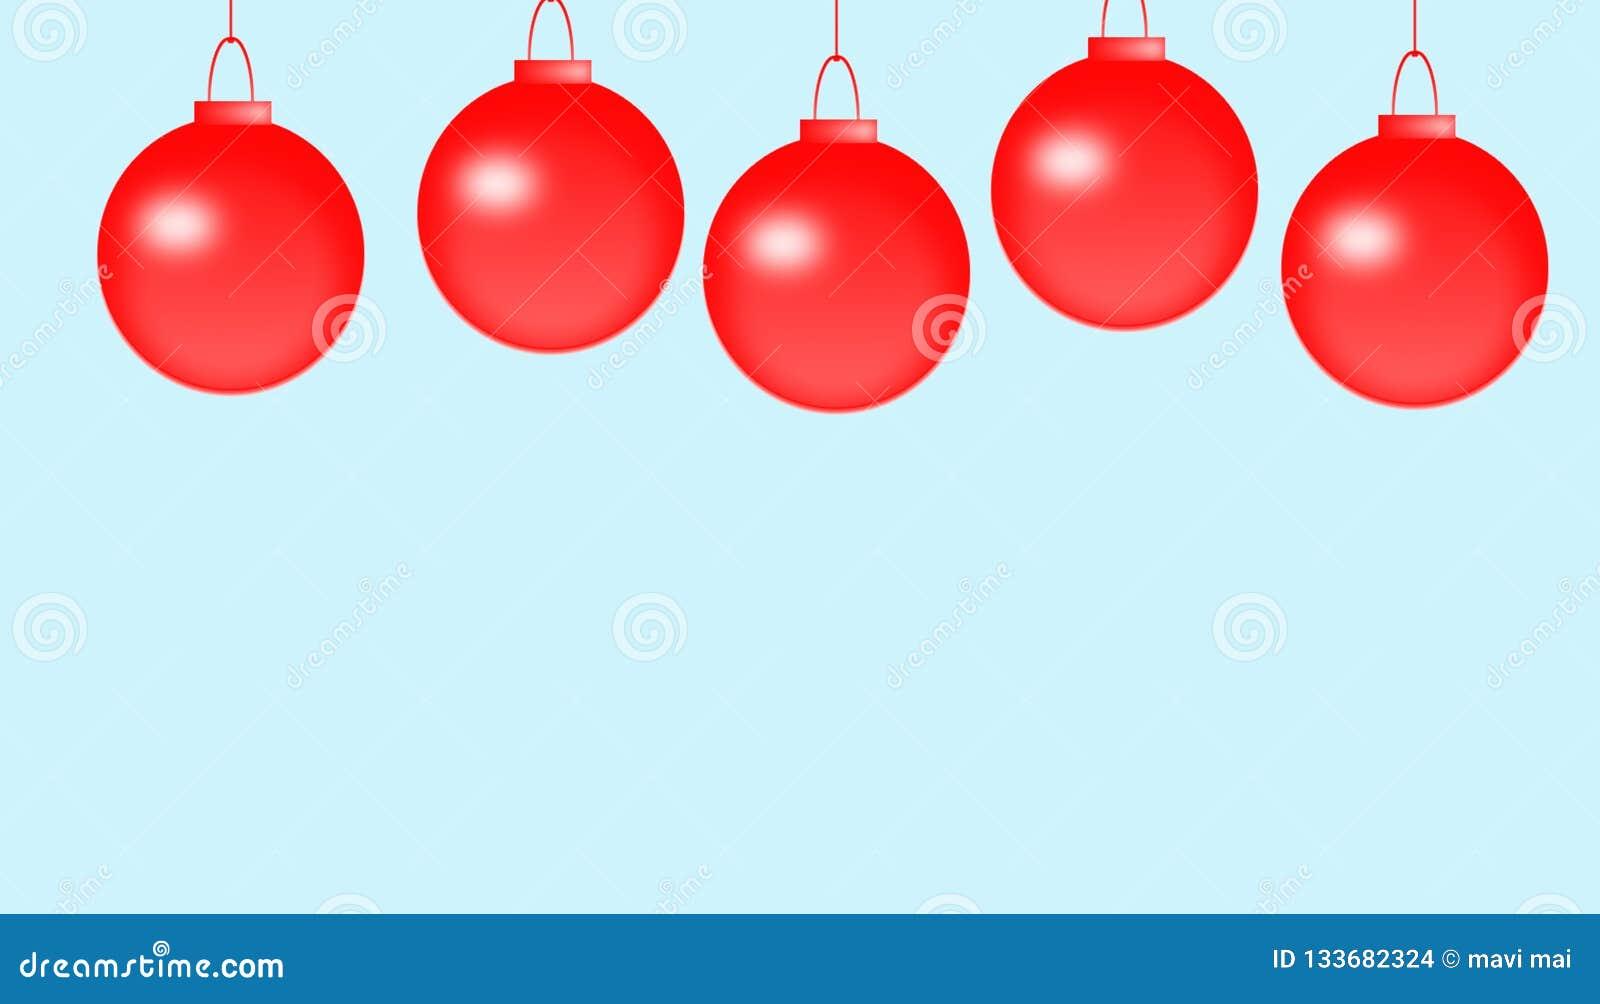 Weihnachtsfeld für Grußkarte mit dekorativen roten Verzierungen